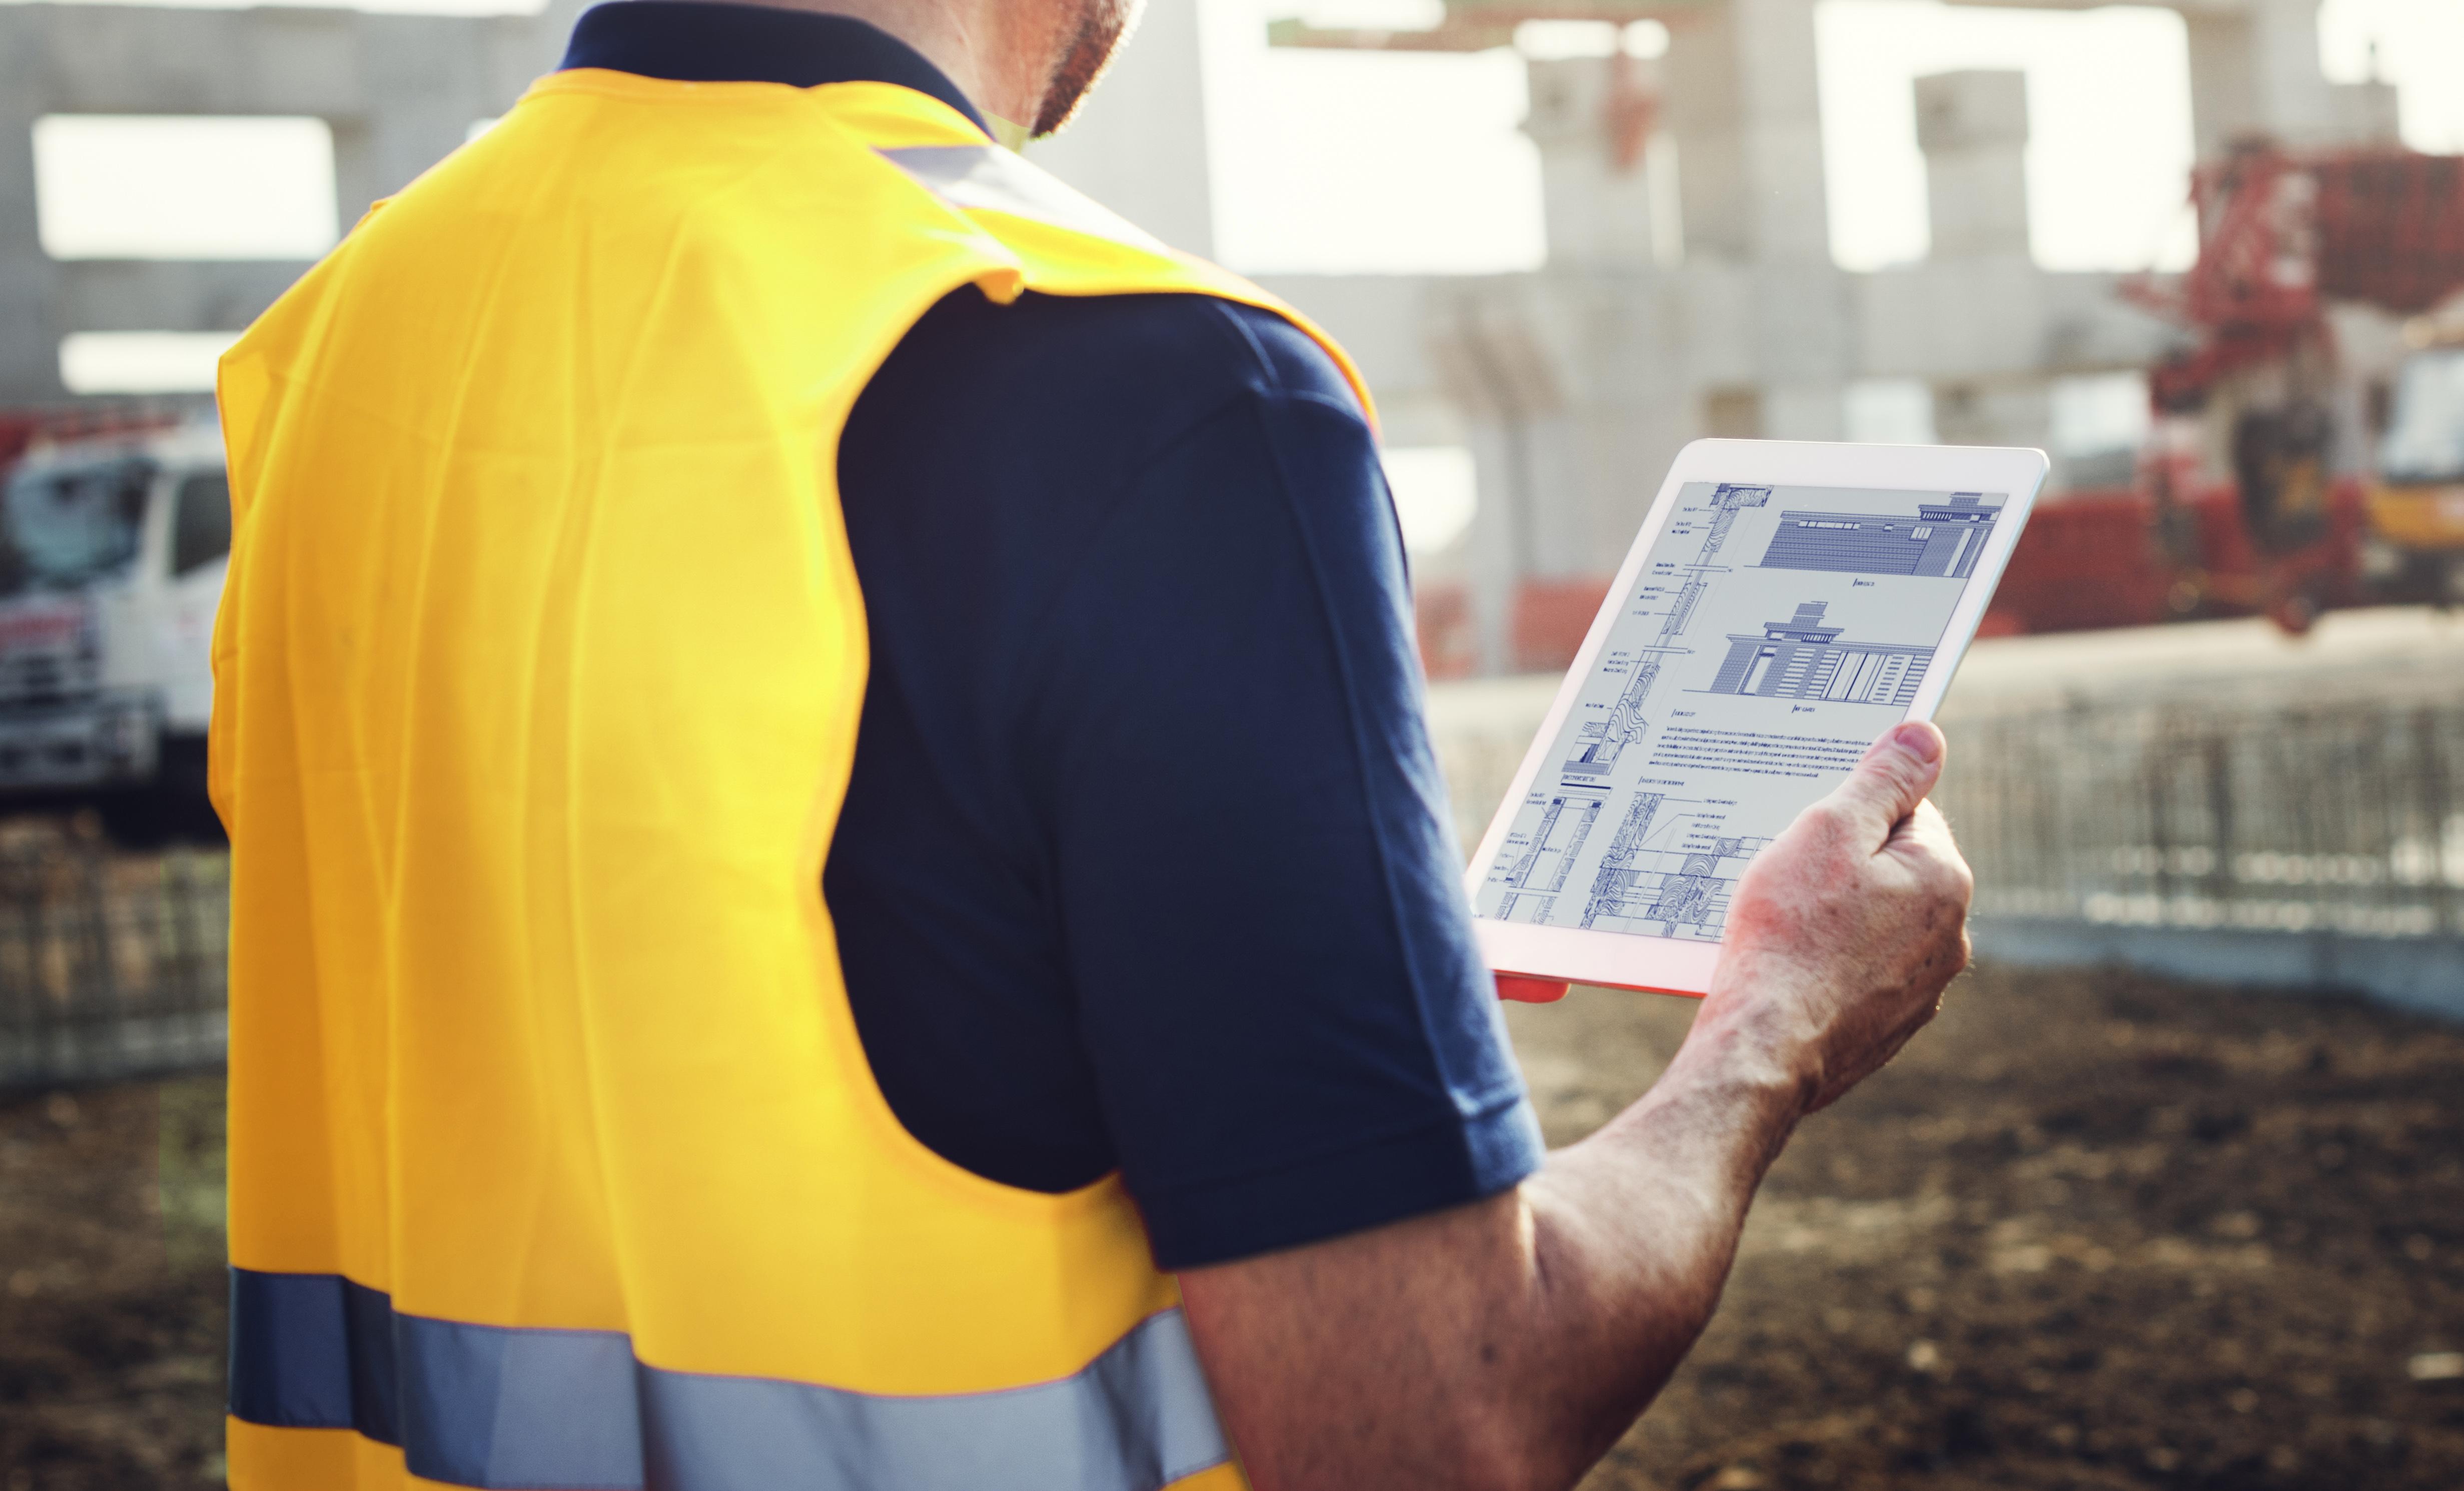 El sector de la construcción se suma a la digitalización.  / Fundación Telefónica.